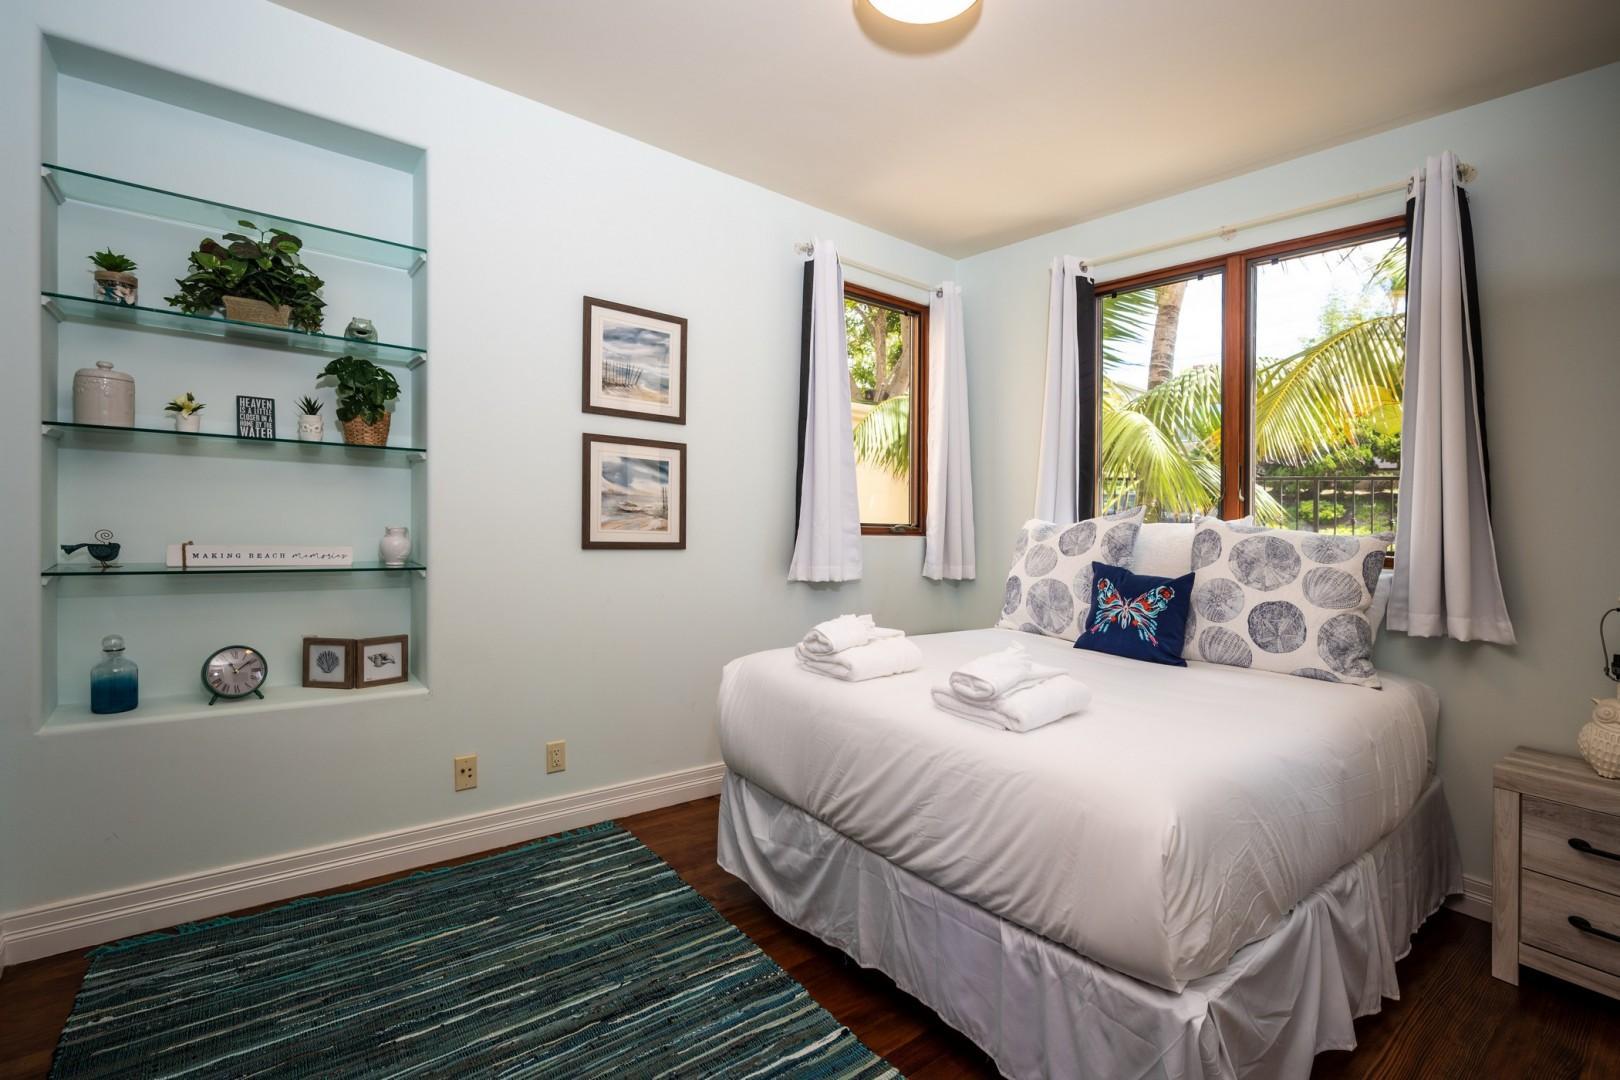 5556-Calumet-Ave-Airbnb-08